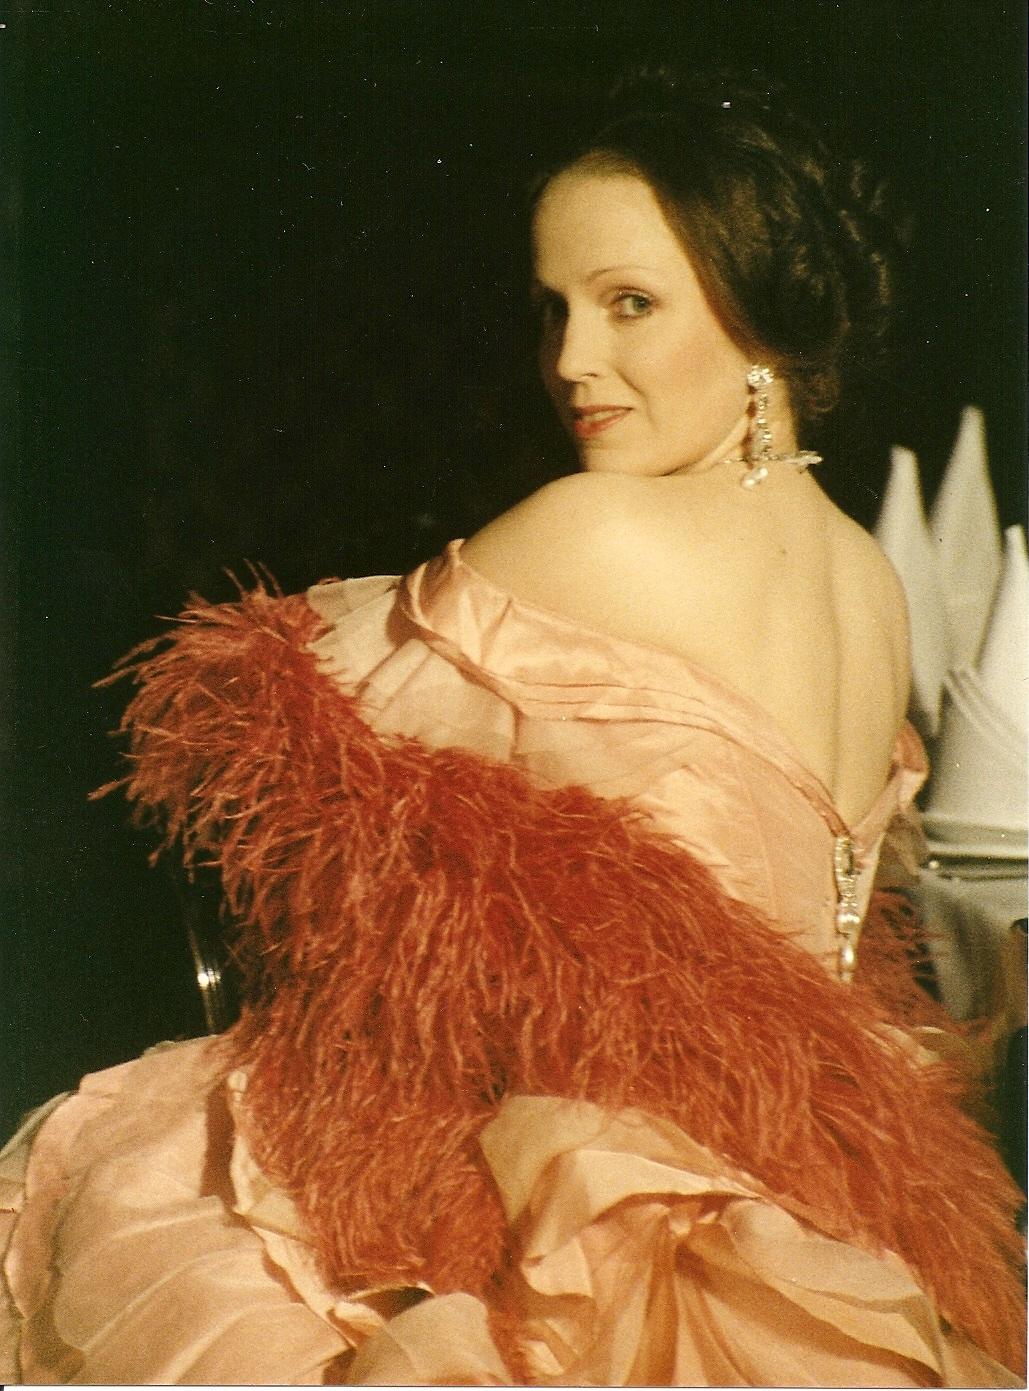 Lela Cuberli